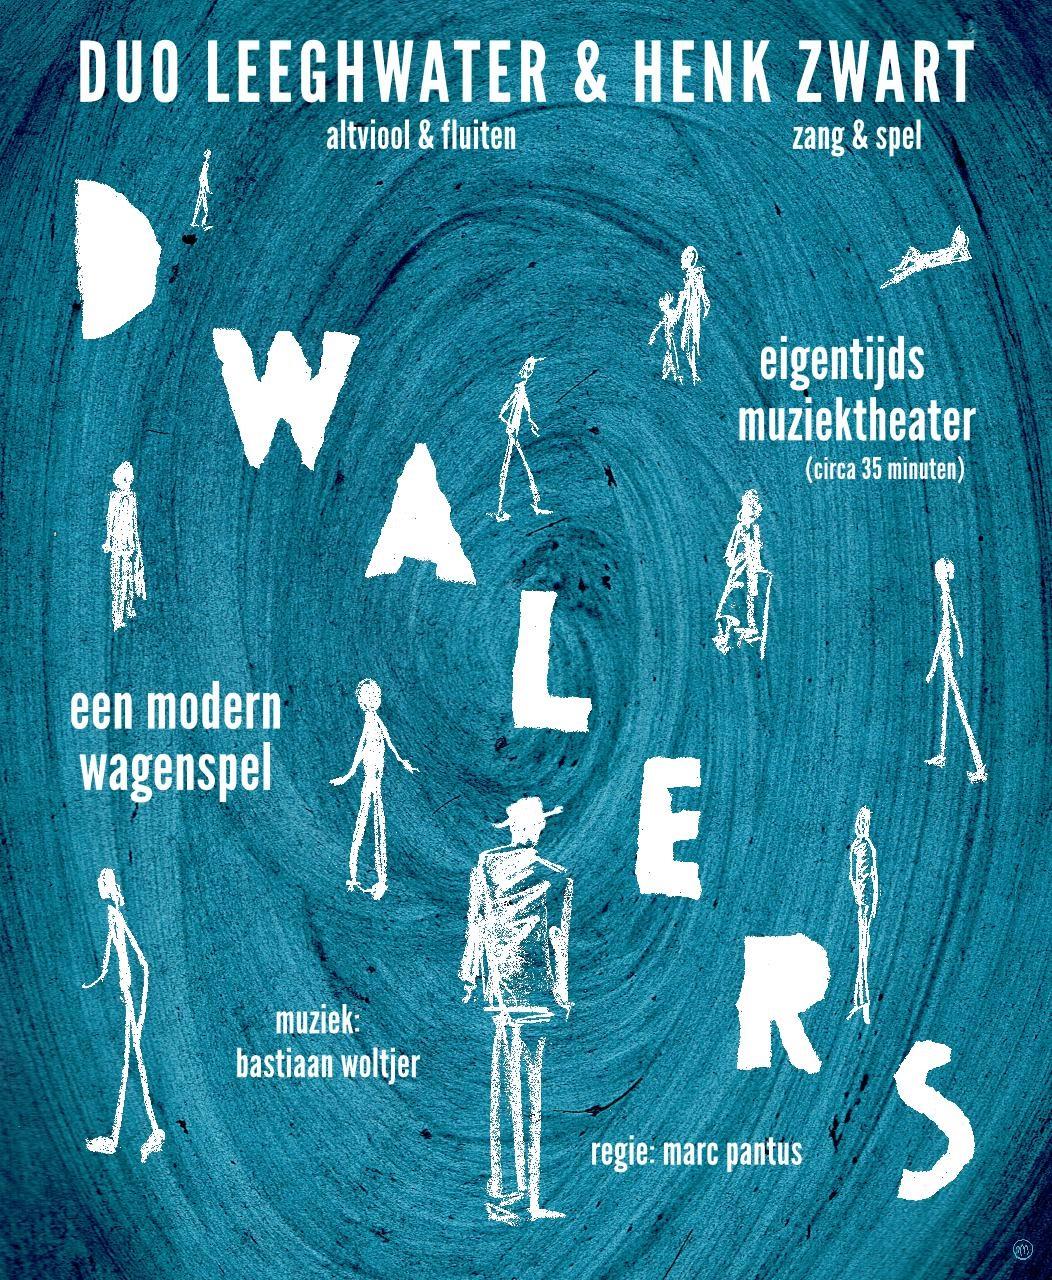 DWALERS